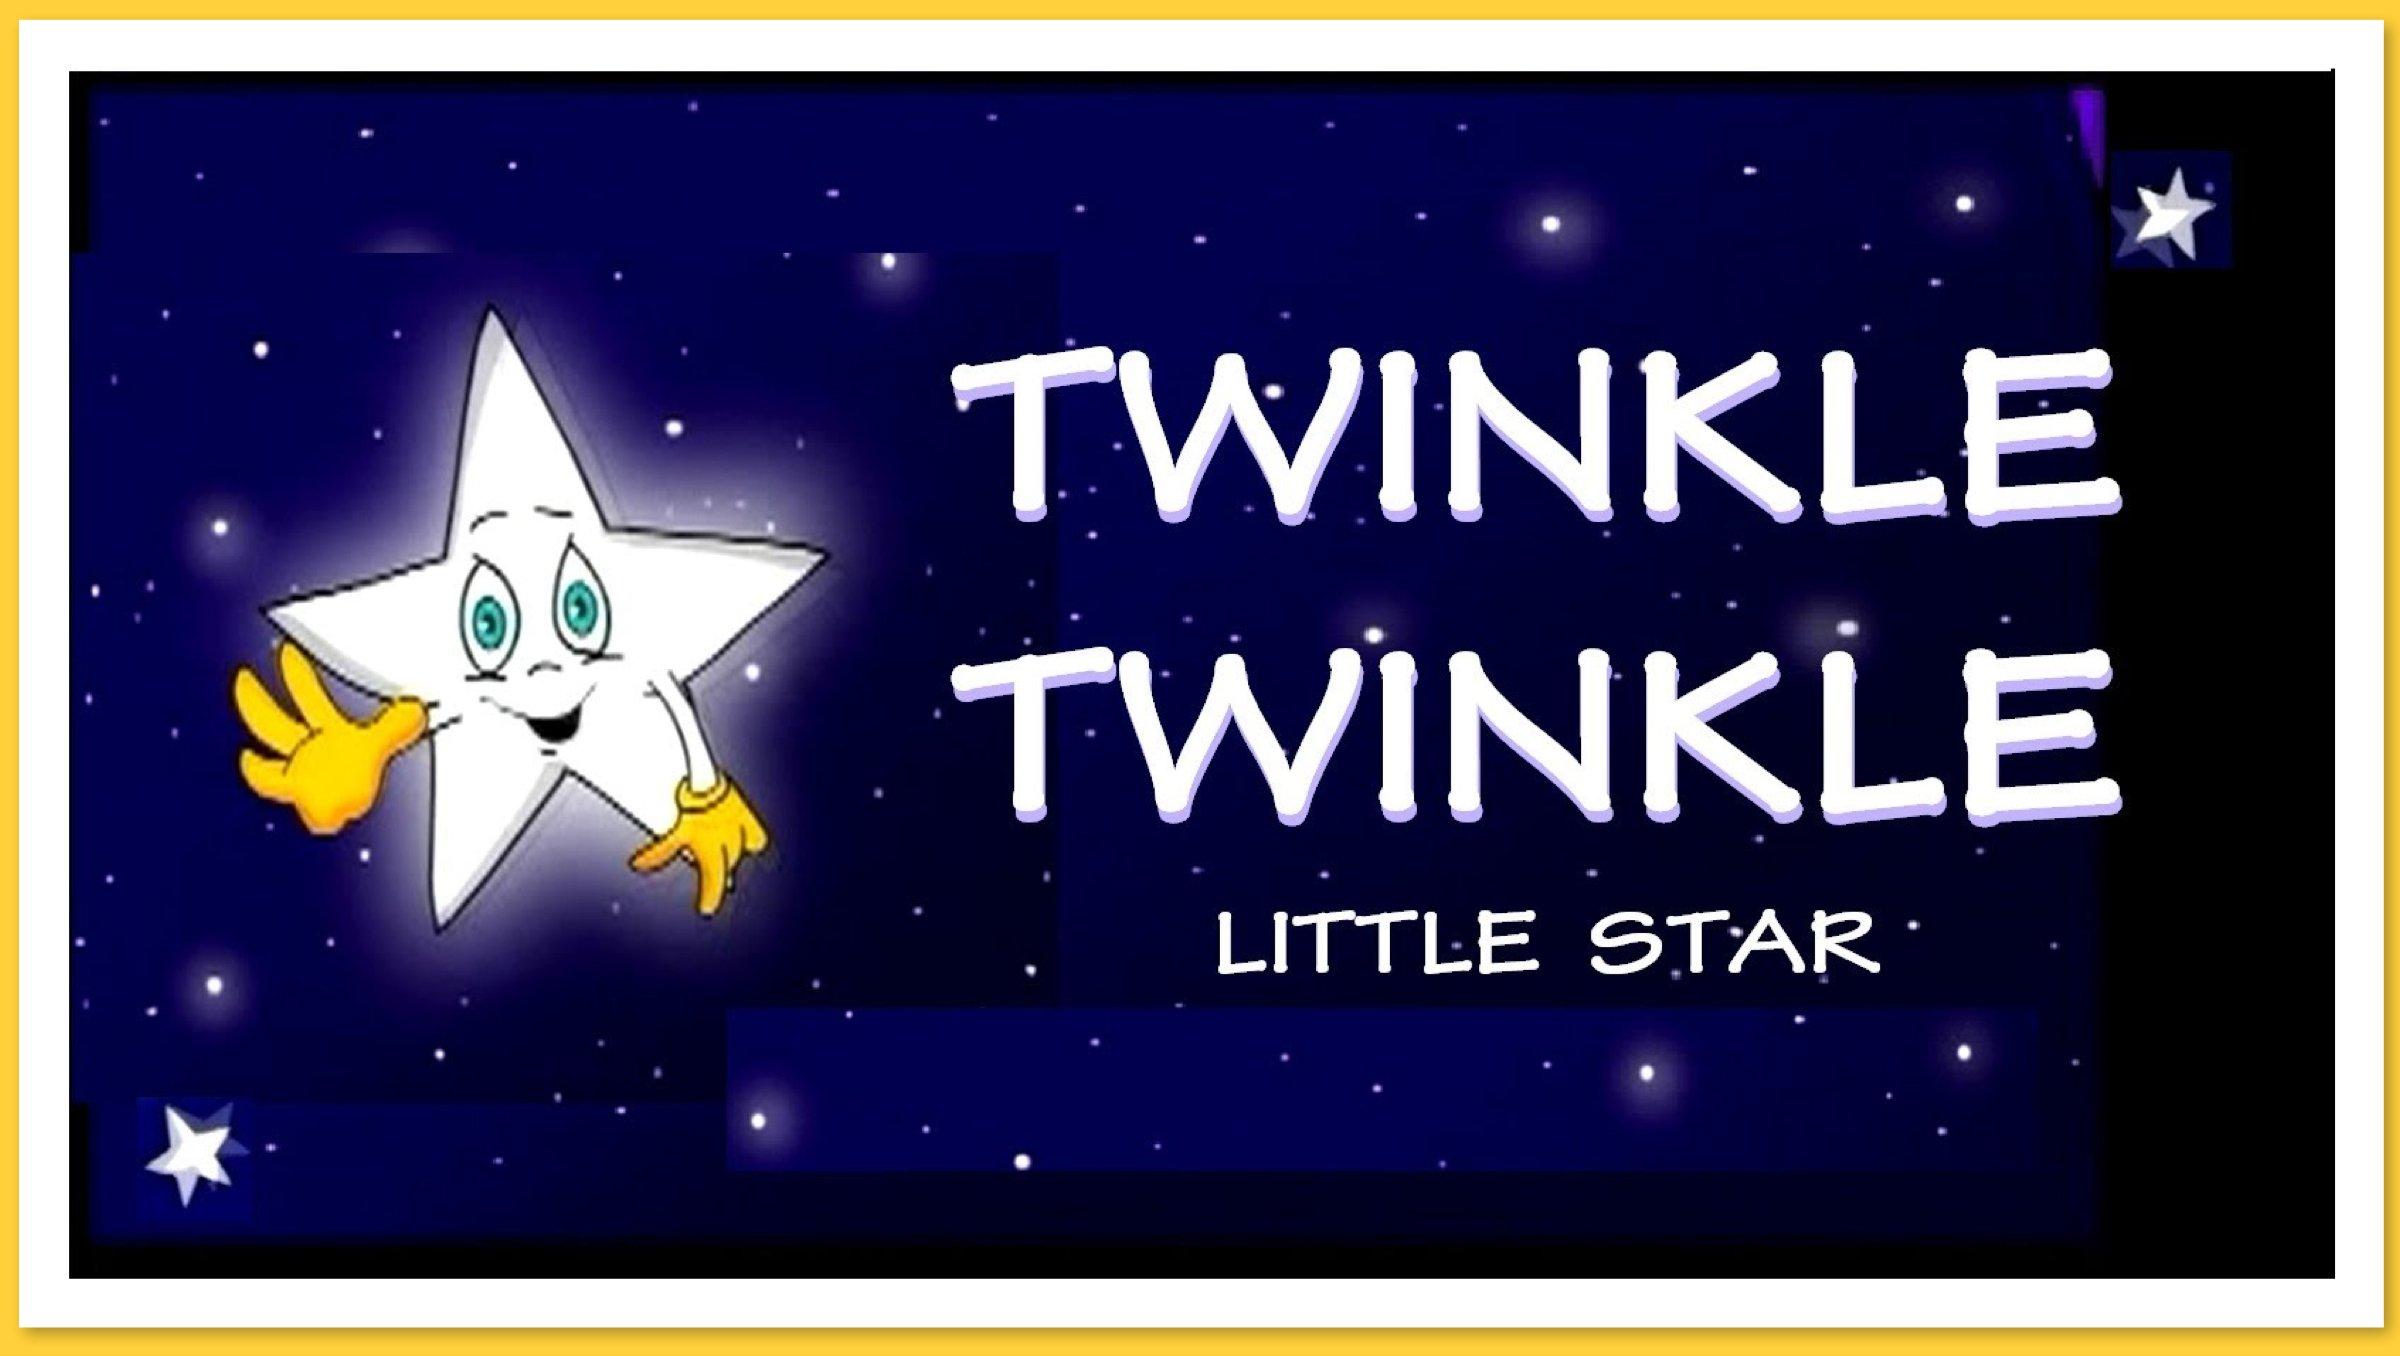 Twinkle Twinkle Little Star Party Theme Planning Ideas